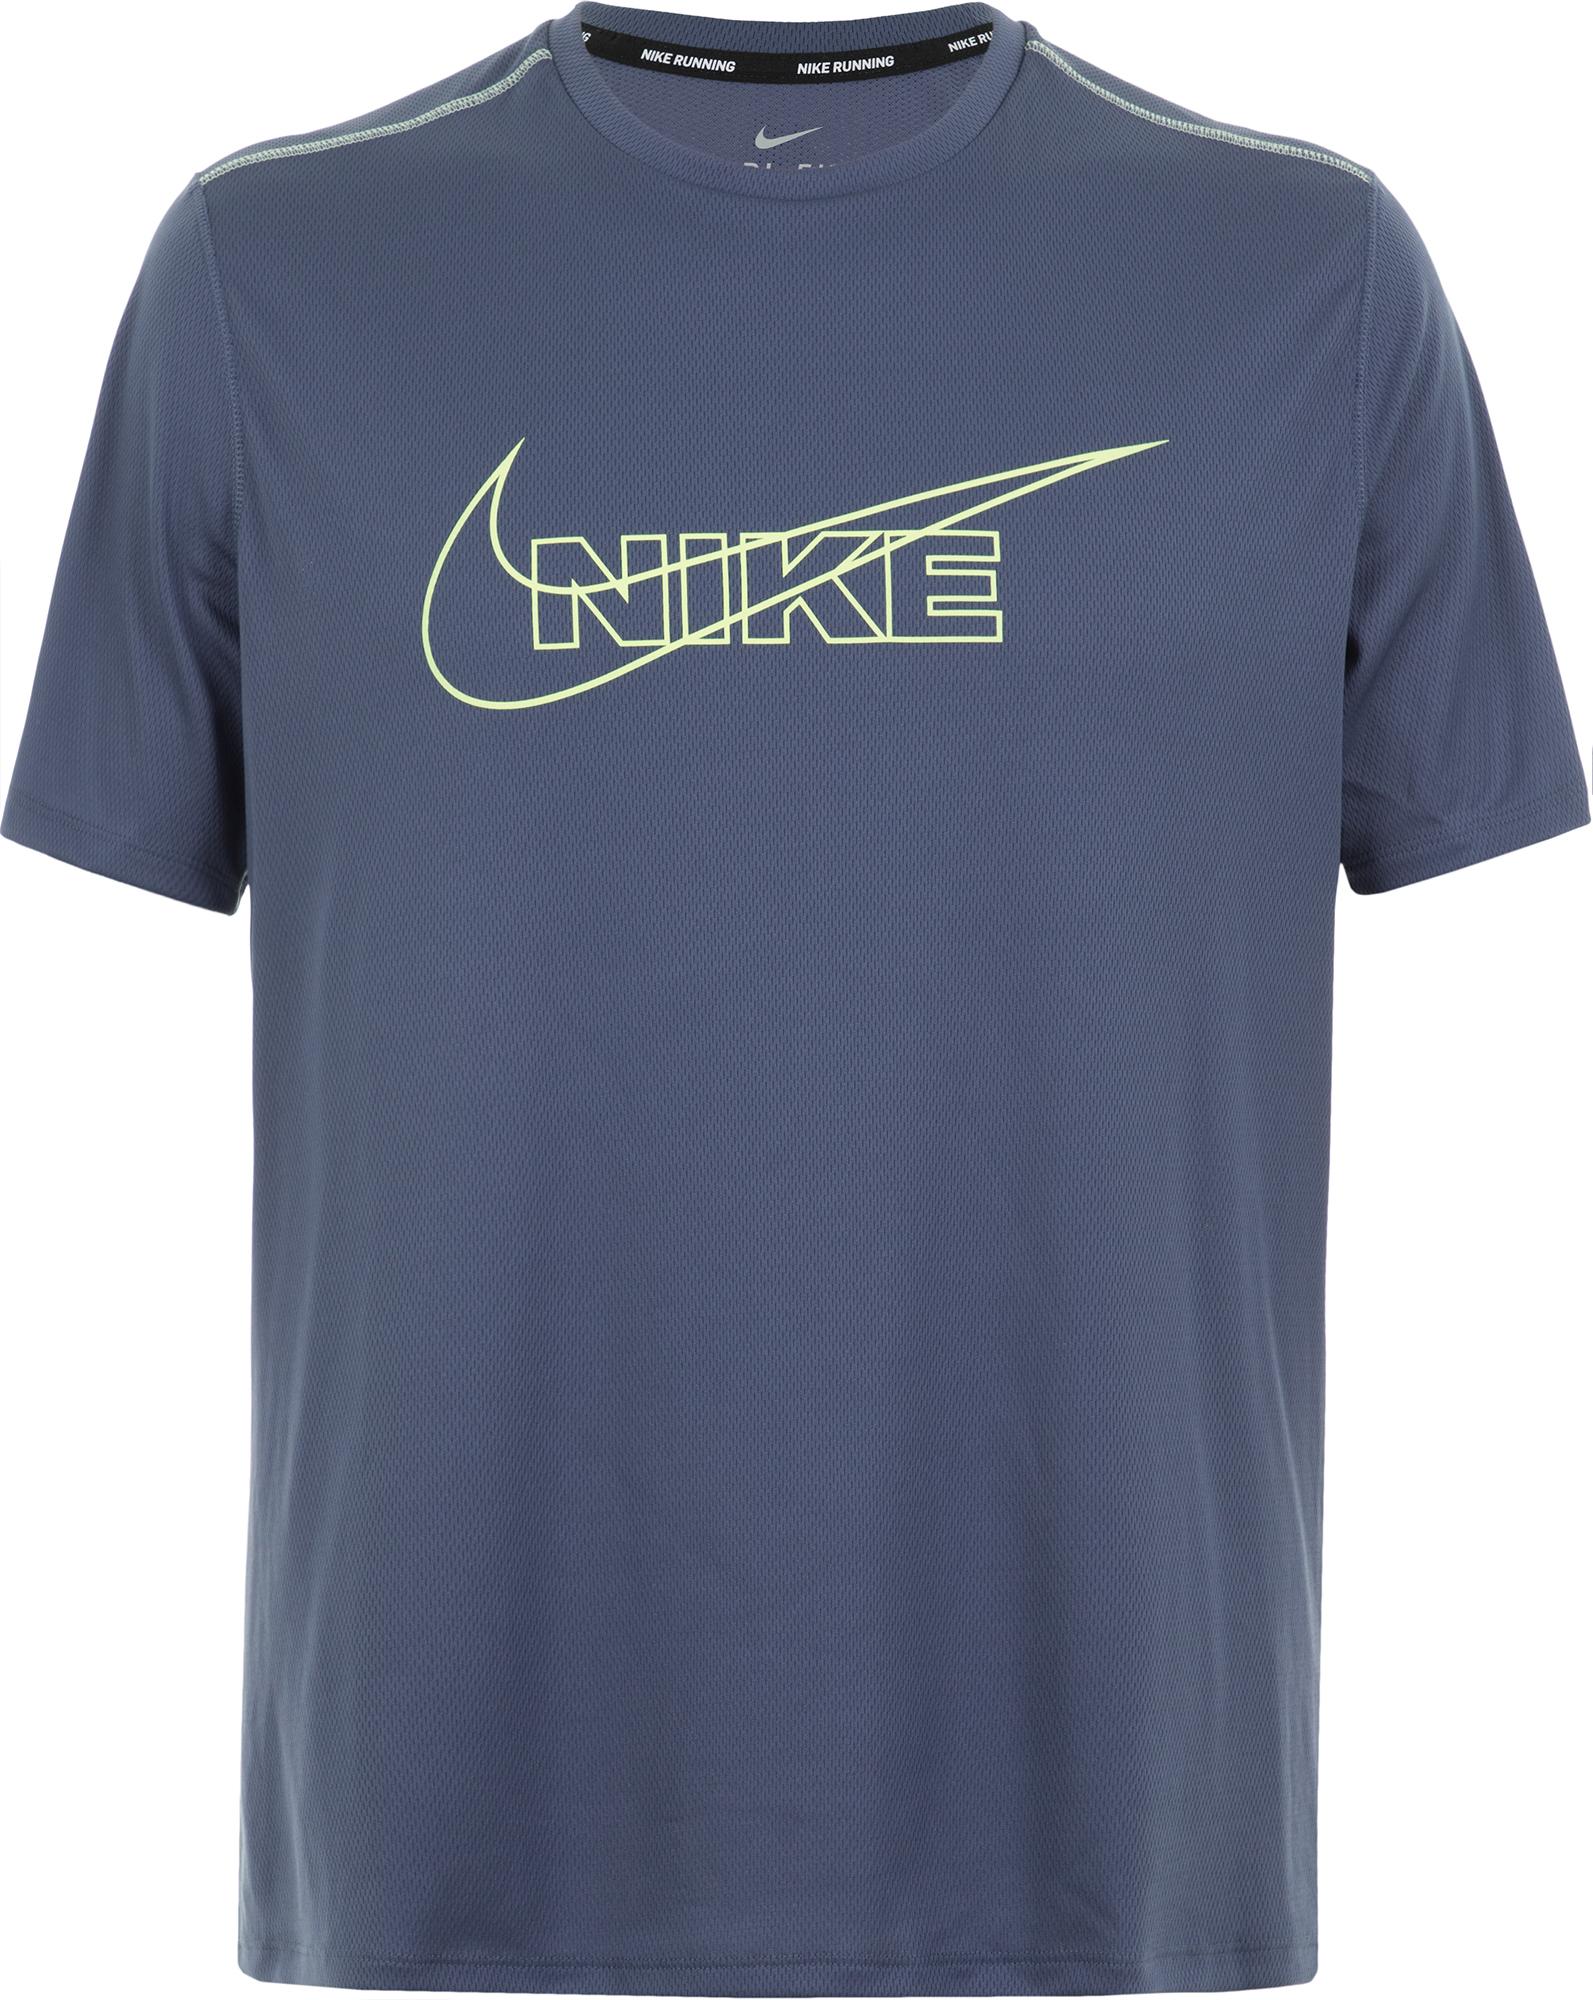 Футболка мужская Nike Breathe, размер 54-56